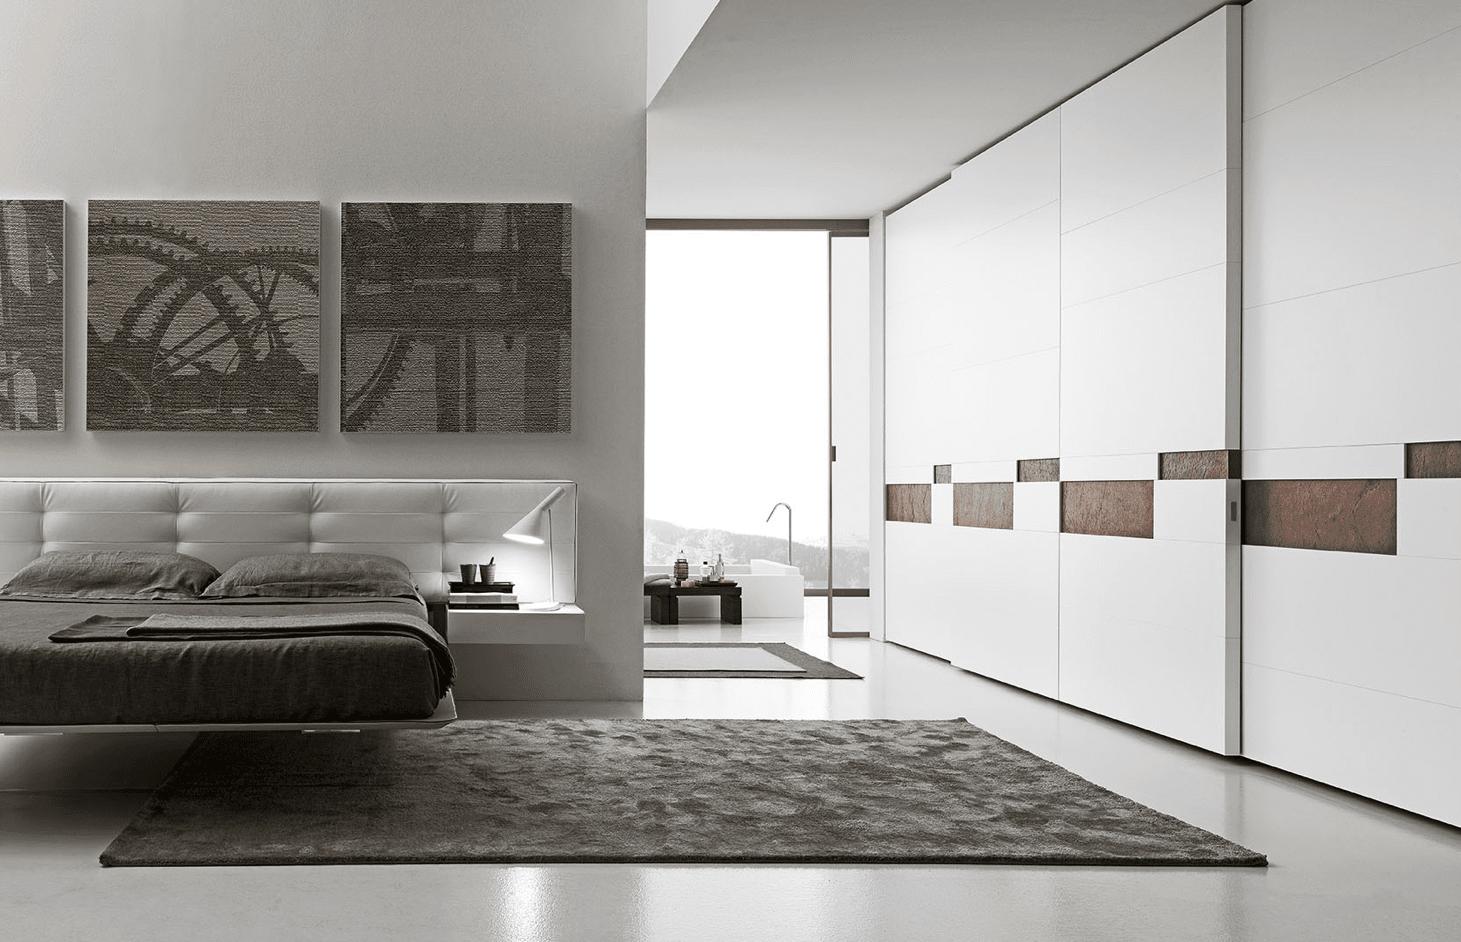 Camera da letto grigio chiaro : camera da letto arredamento ...